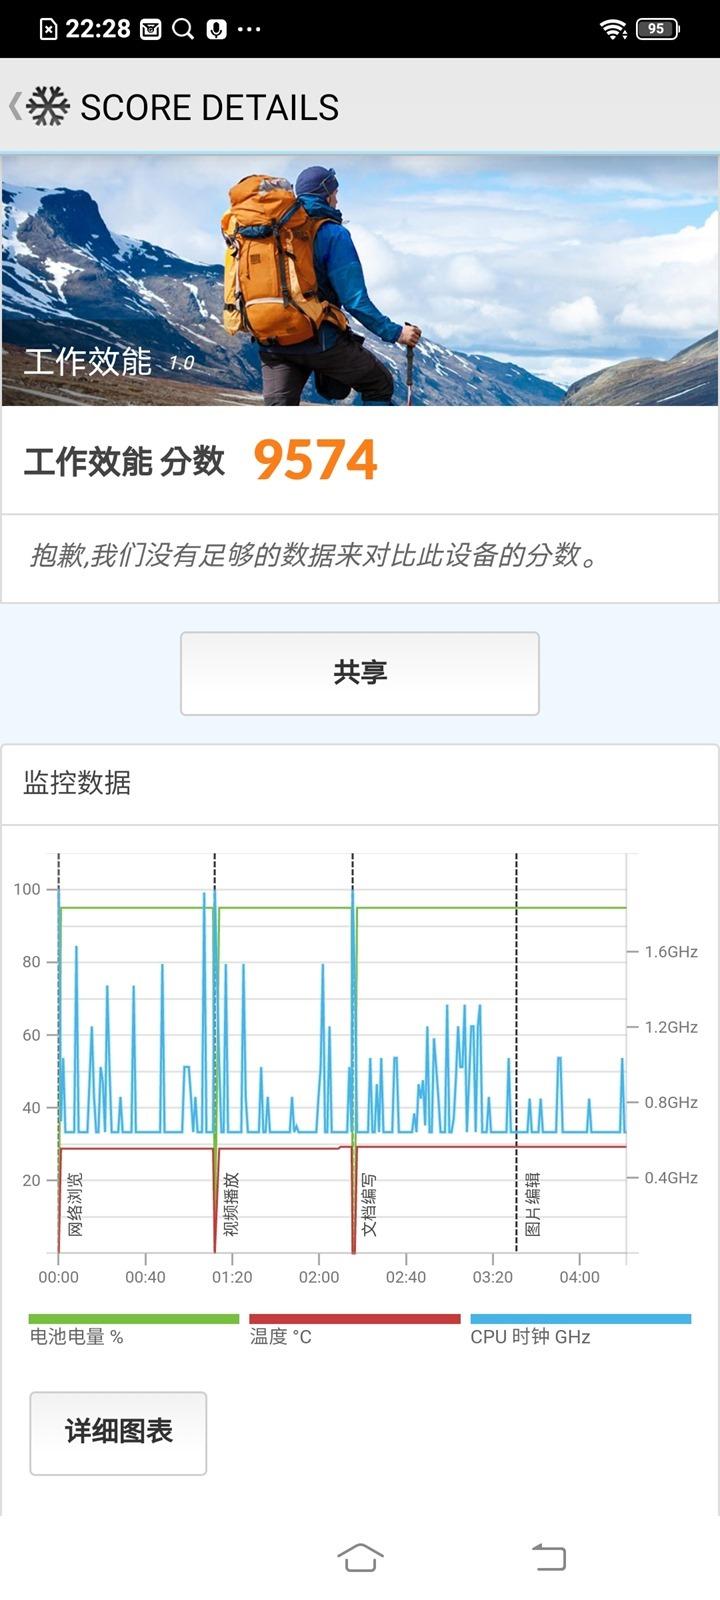 平價 5G 新機在台上市!來看看 vivo X50e 性能電力實測 / 充電測試 @3C 達人廖阿輝